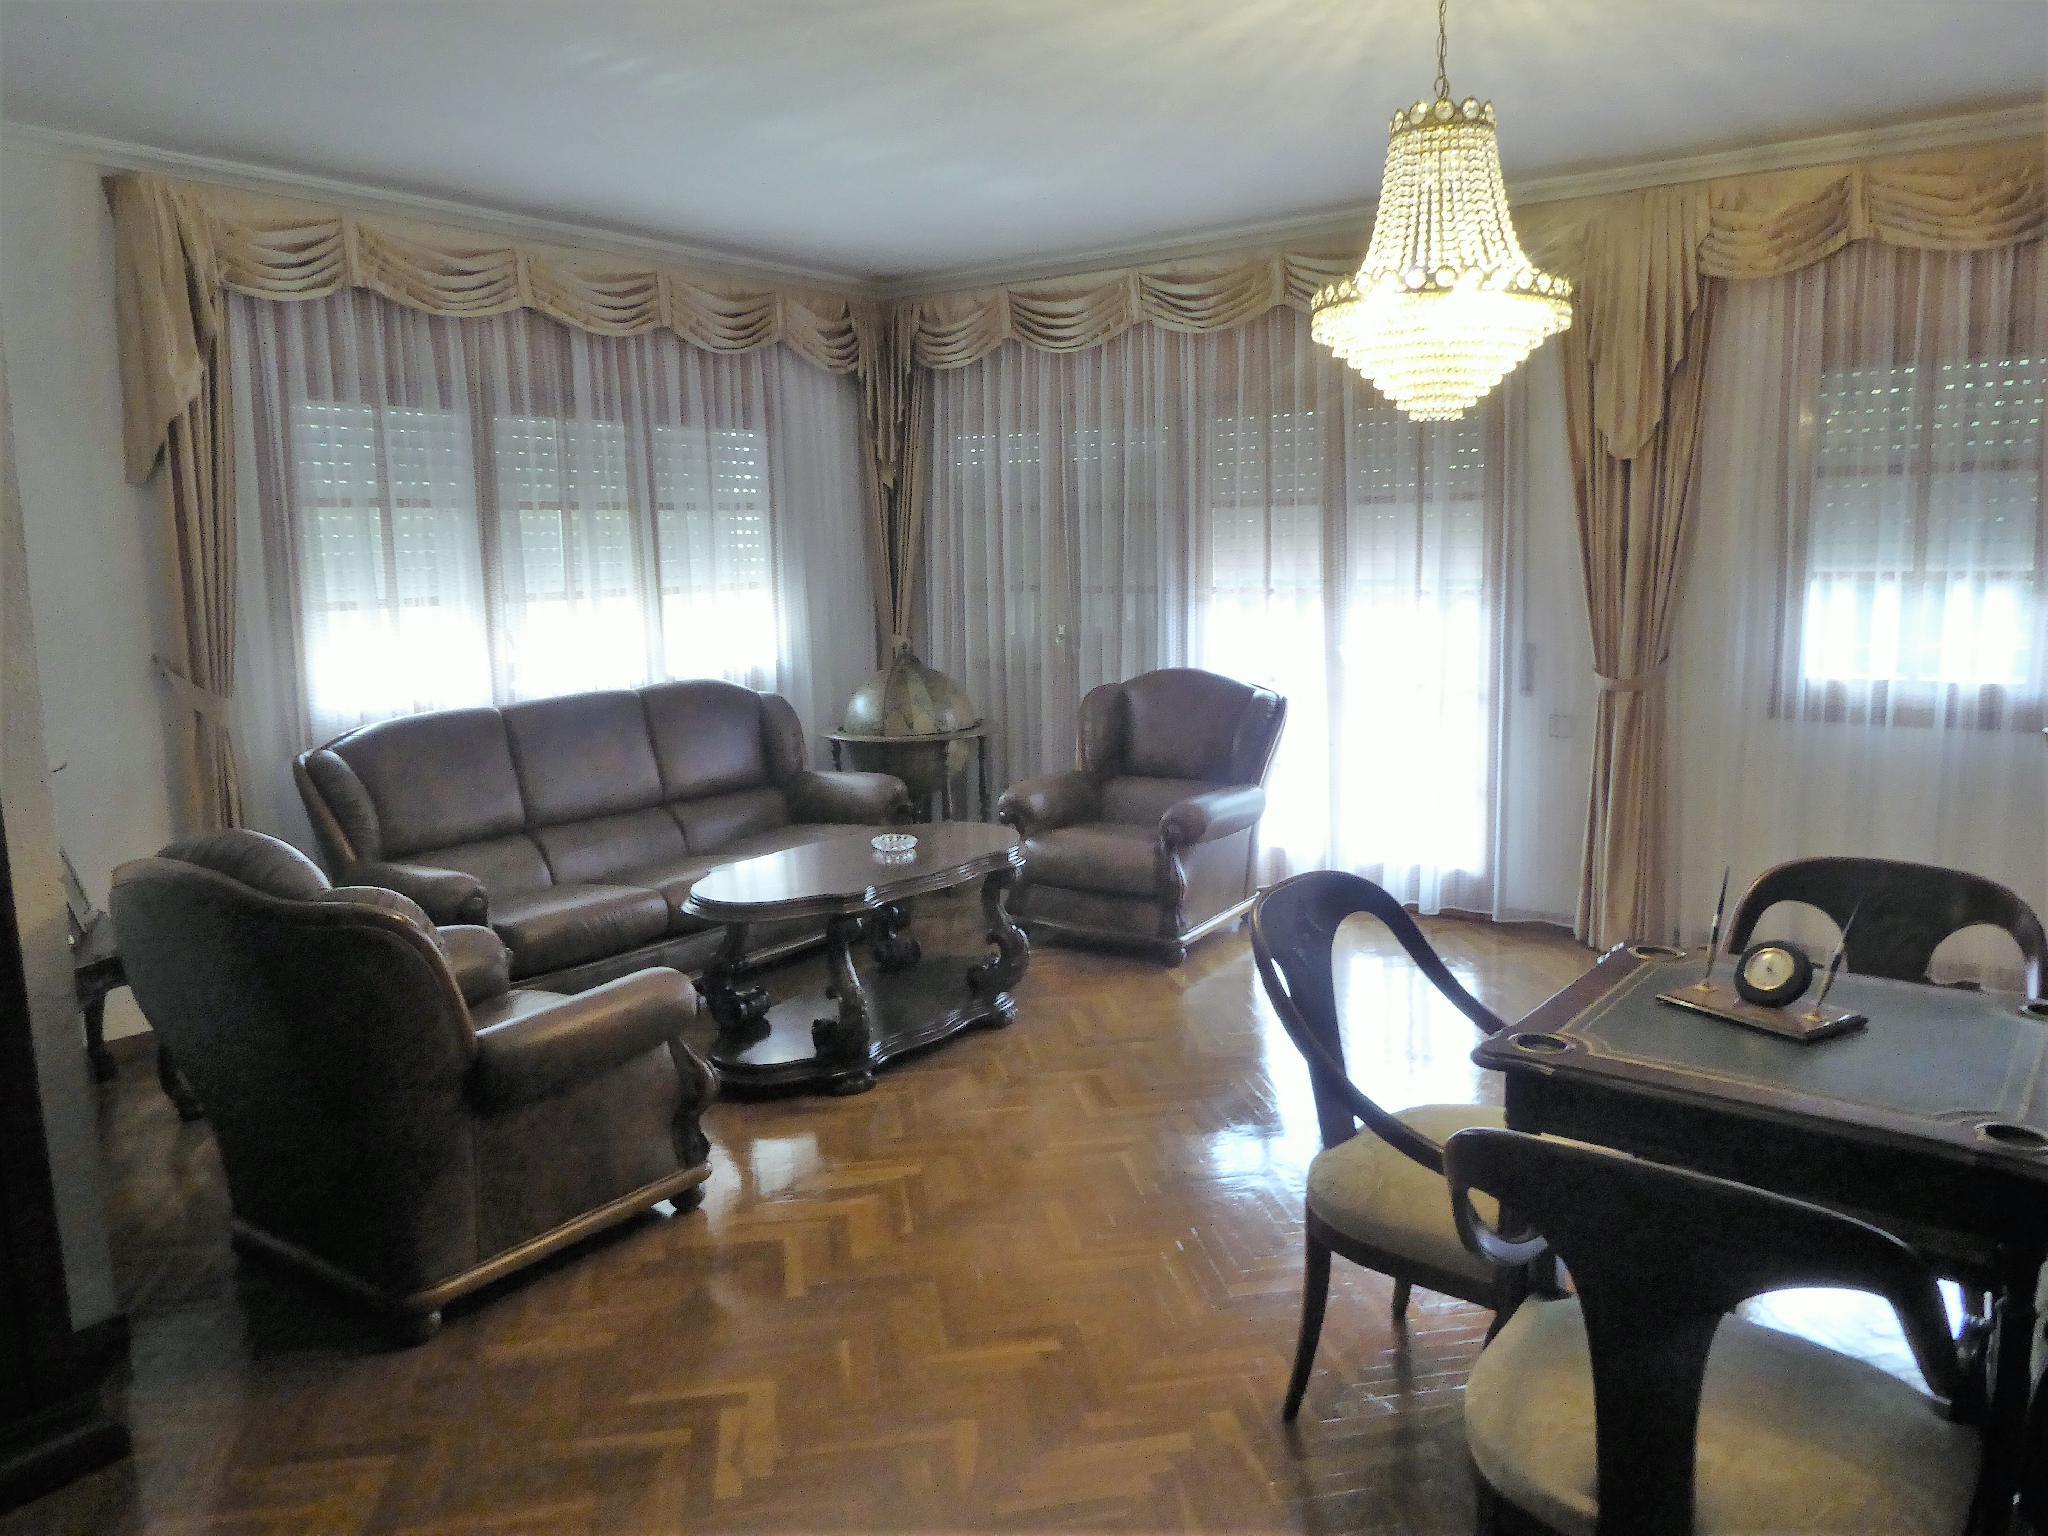 213556 - Lliça D,amunt-Ca l,artigues-251 m2 vivienda